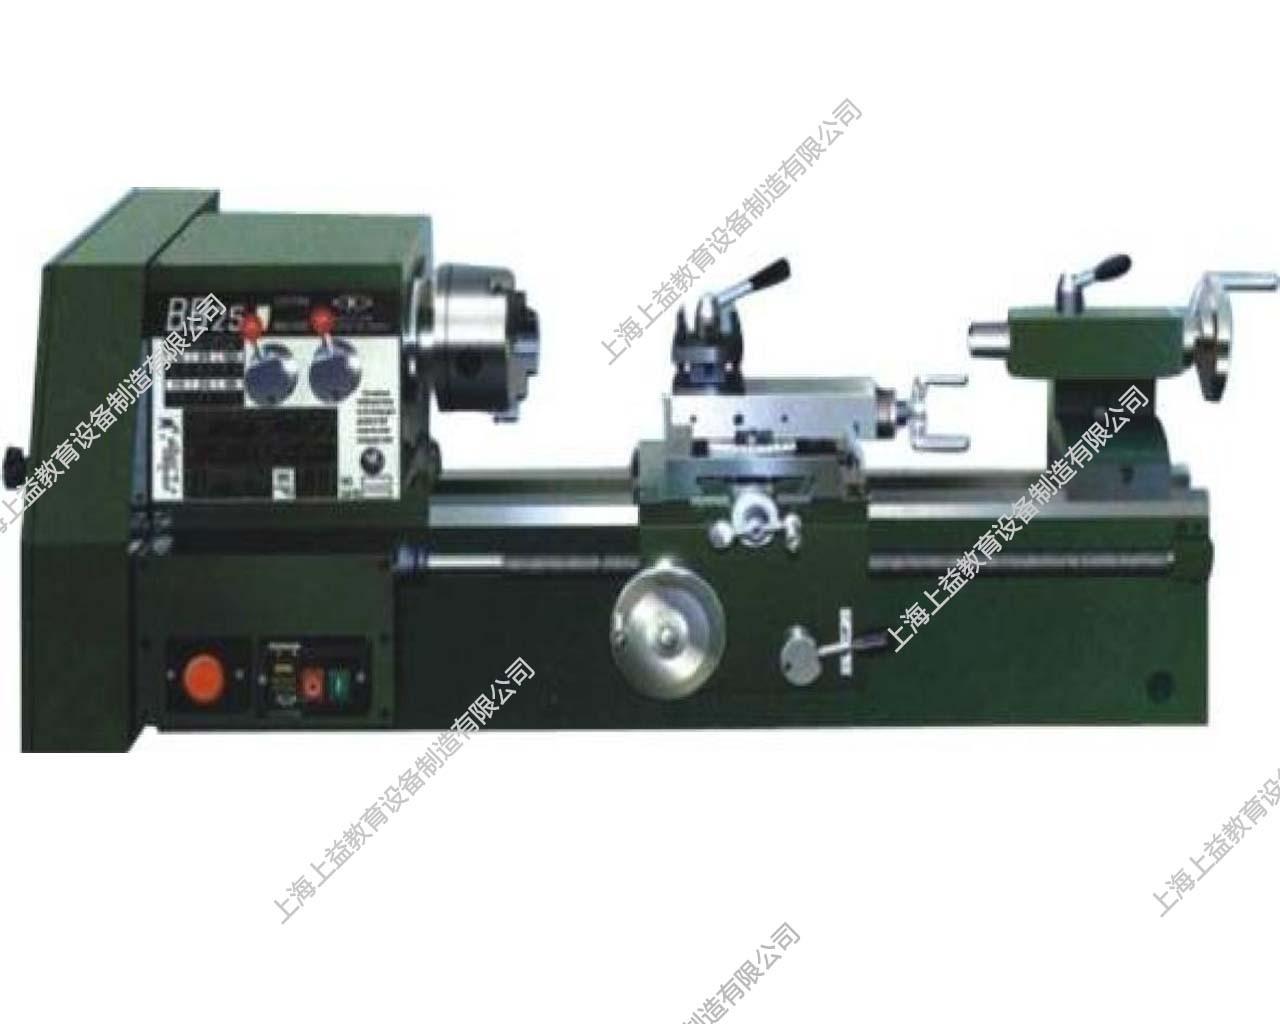 BB25-1多功能工具机小型车床